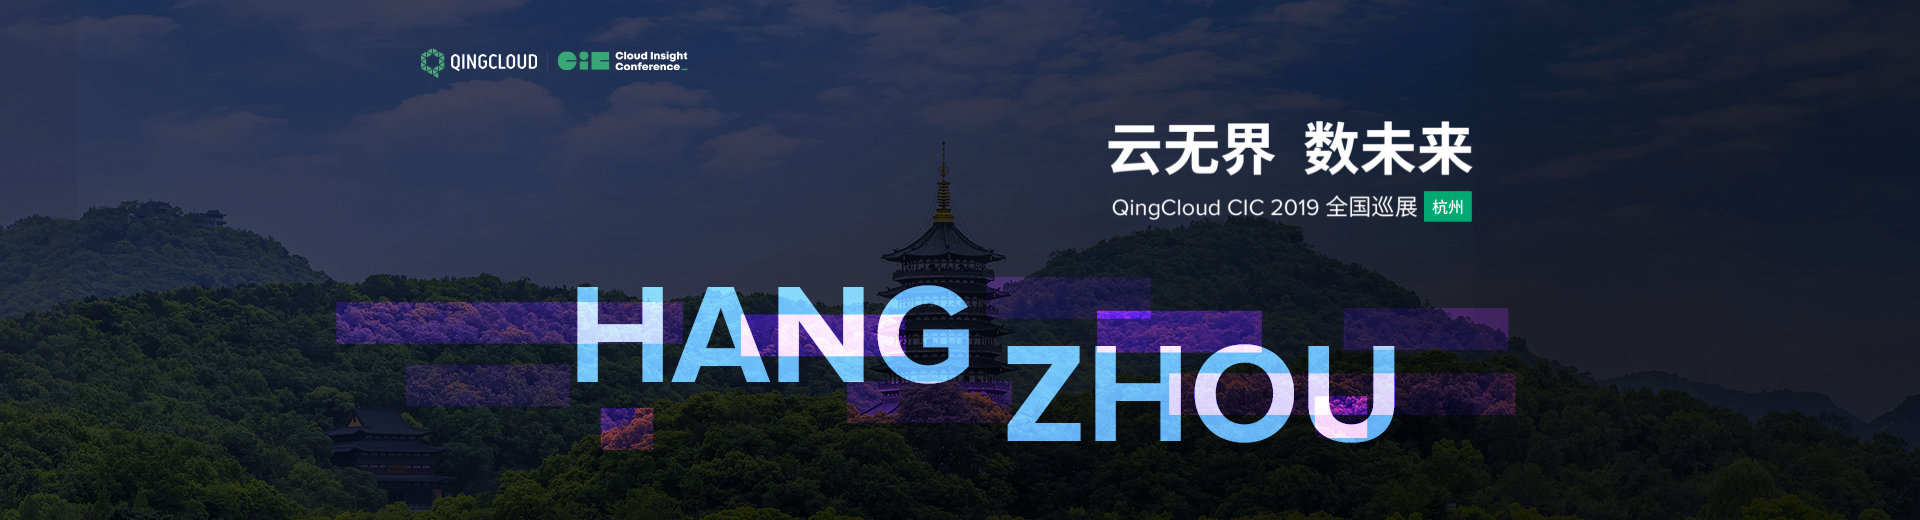 杭州站 — CIC 2019 青云QingCloud 全国巡展